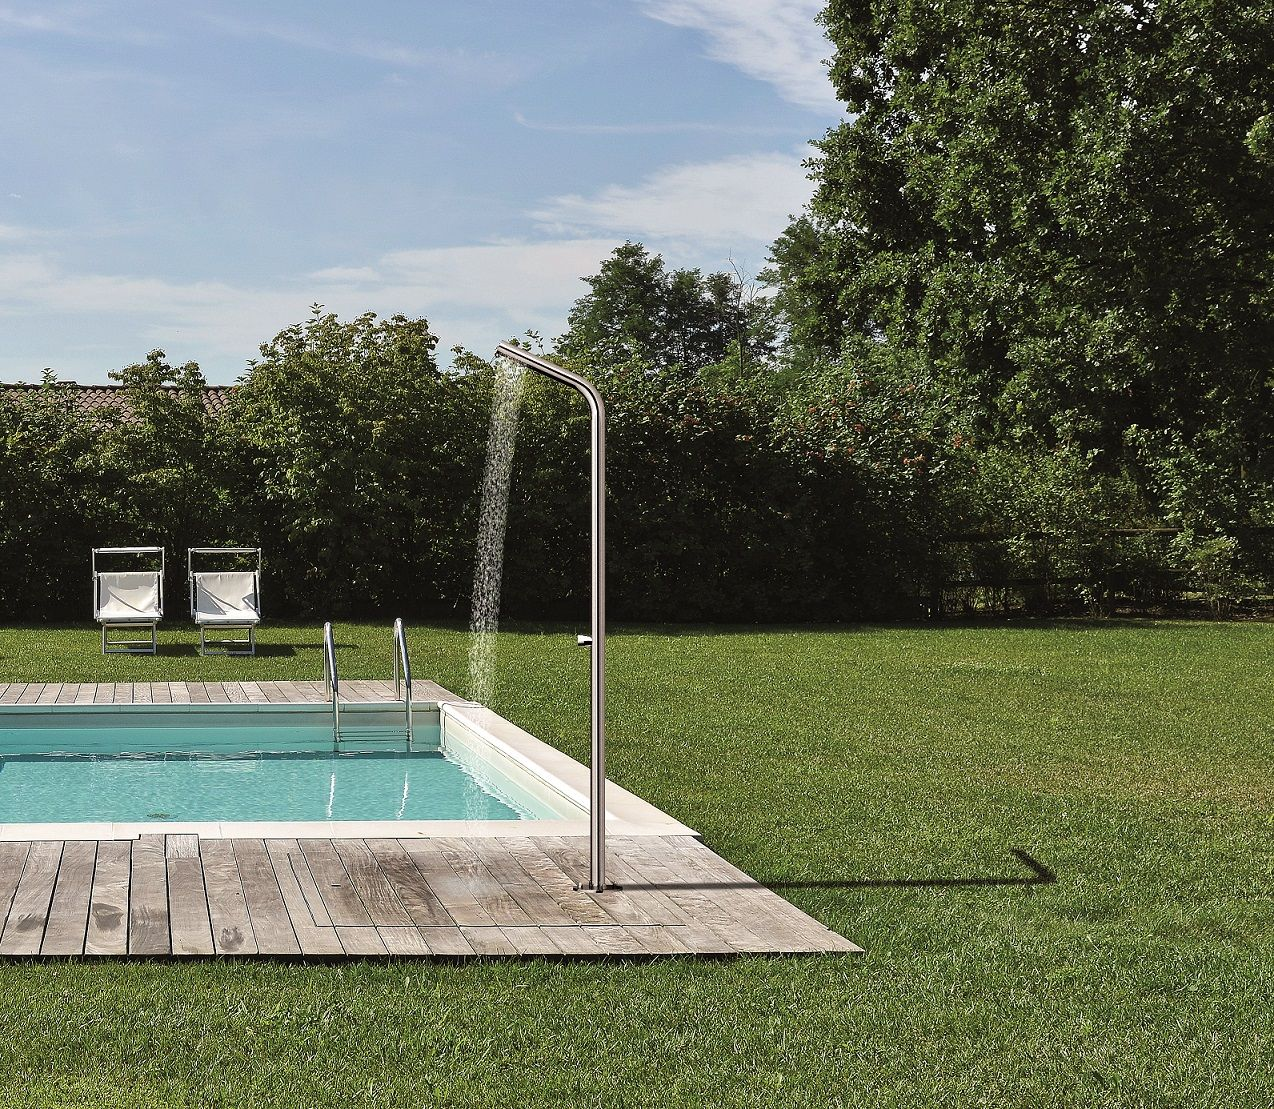 Zwembad Capelle Aan Den Ijssel: Exclusieve Badkamers En Badkamerproducten In Capelle Aan